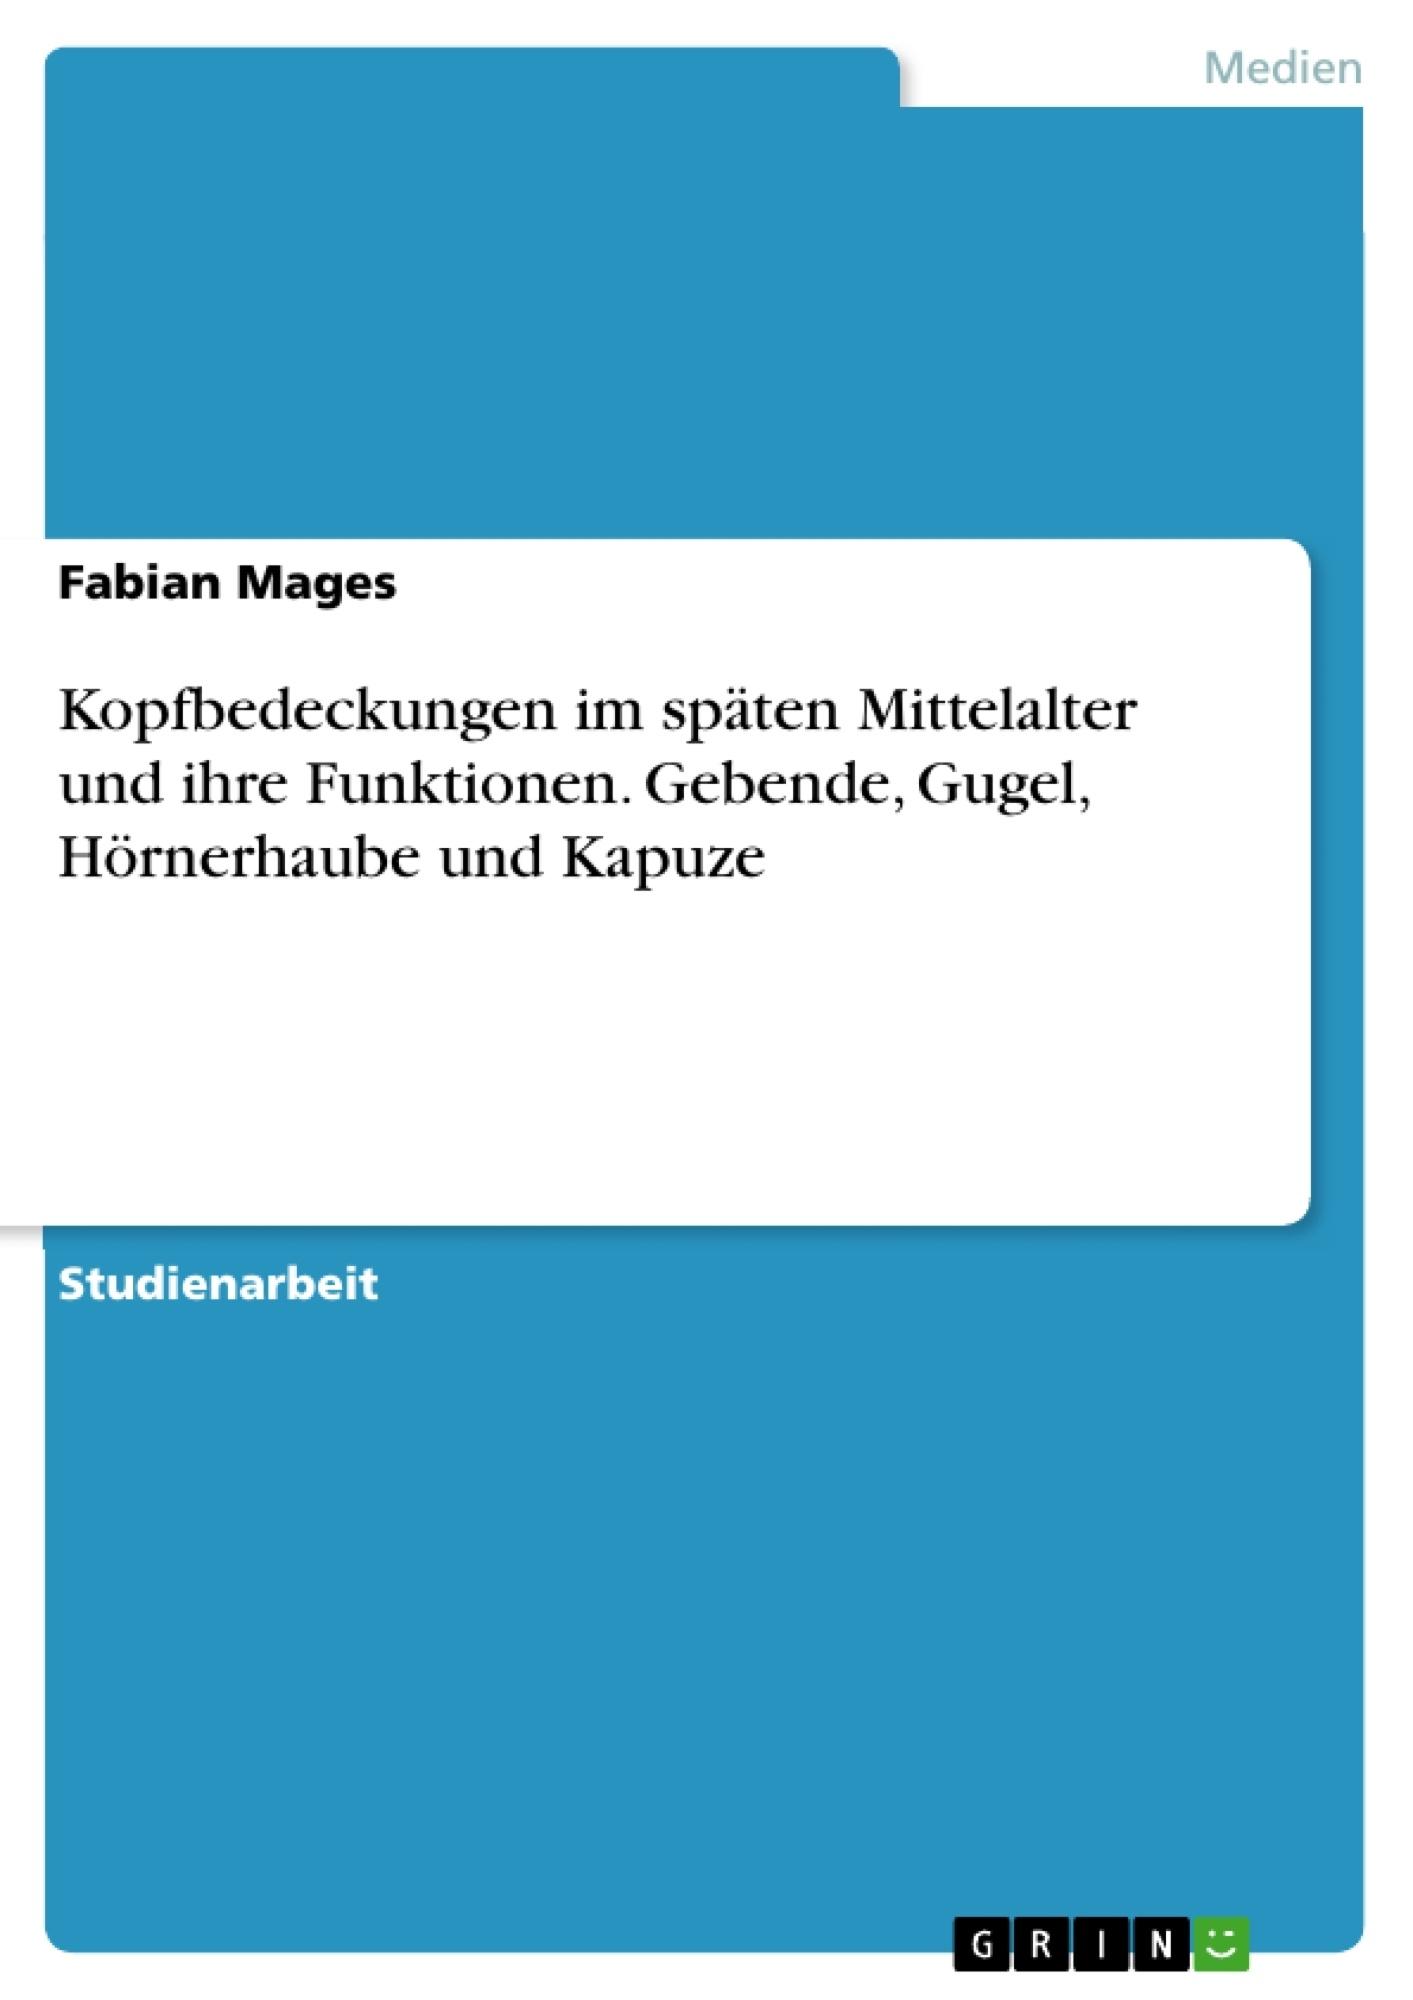 Titel: Kopfbedeckungen im späten Mittelalter und ihre Funktionen. Gebende, Gugel, Hörnerhaube und Kapuze